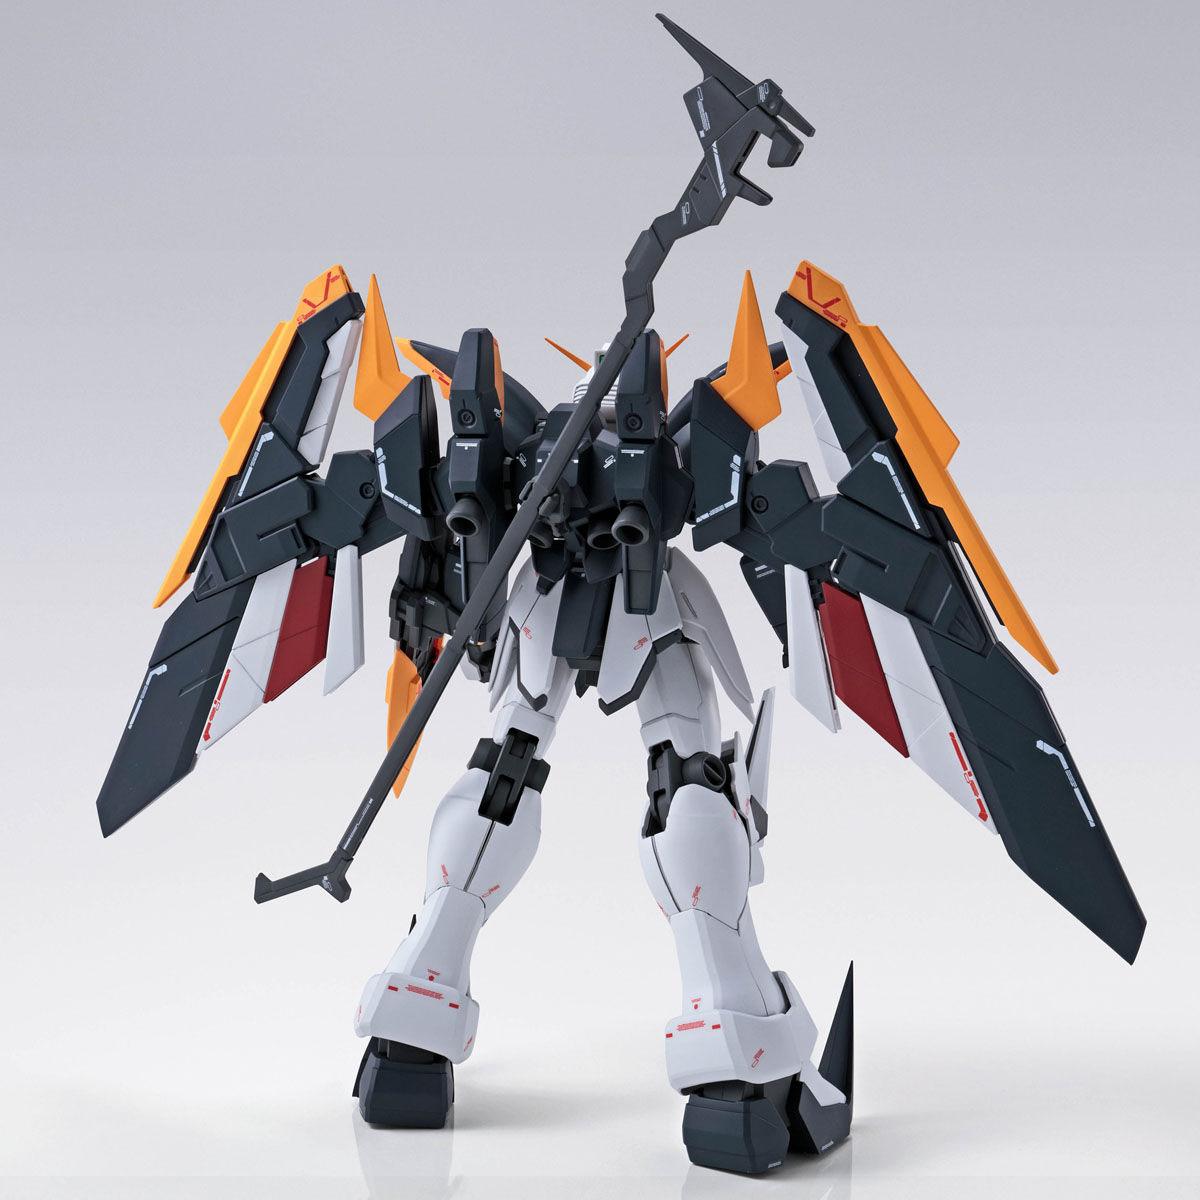 【限定販売】MG 1/100『ガンダムデスサイズ EW(ルーセット装備)』ガンダムW プラモデル-003